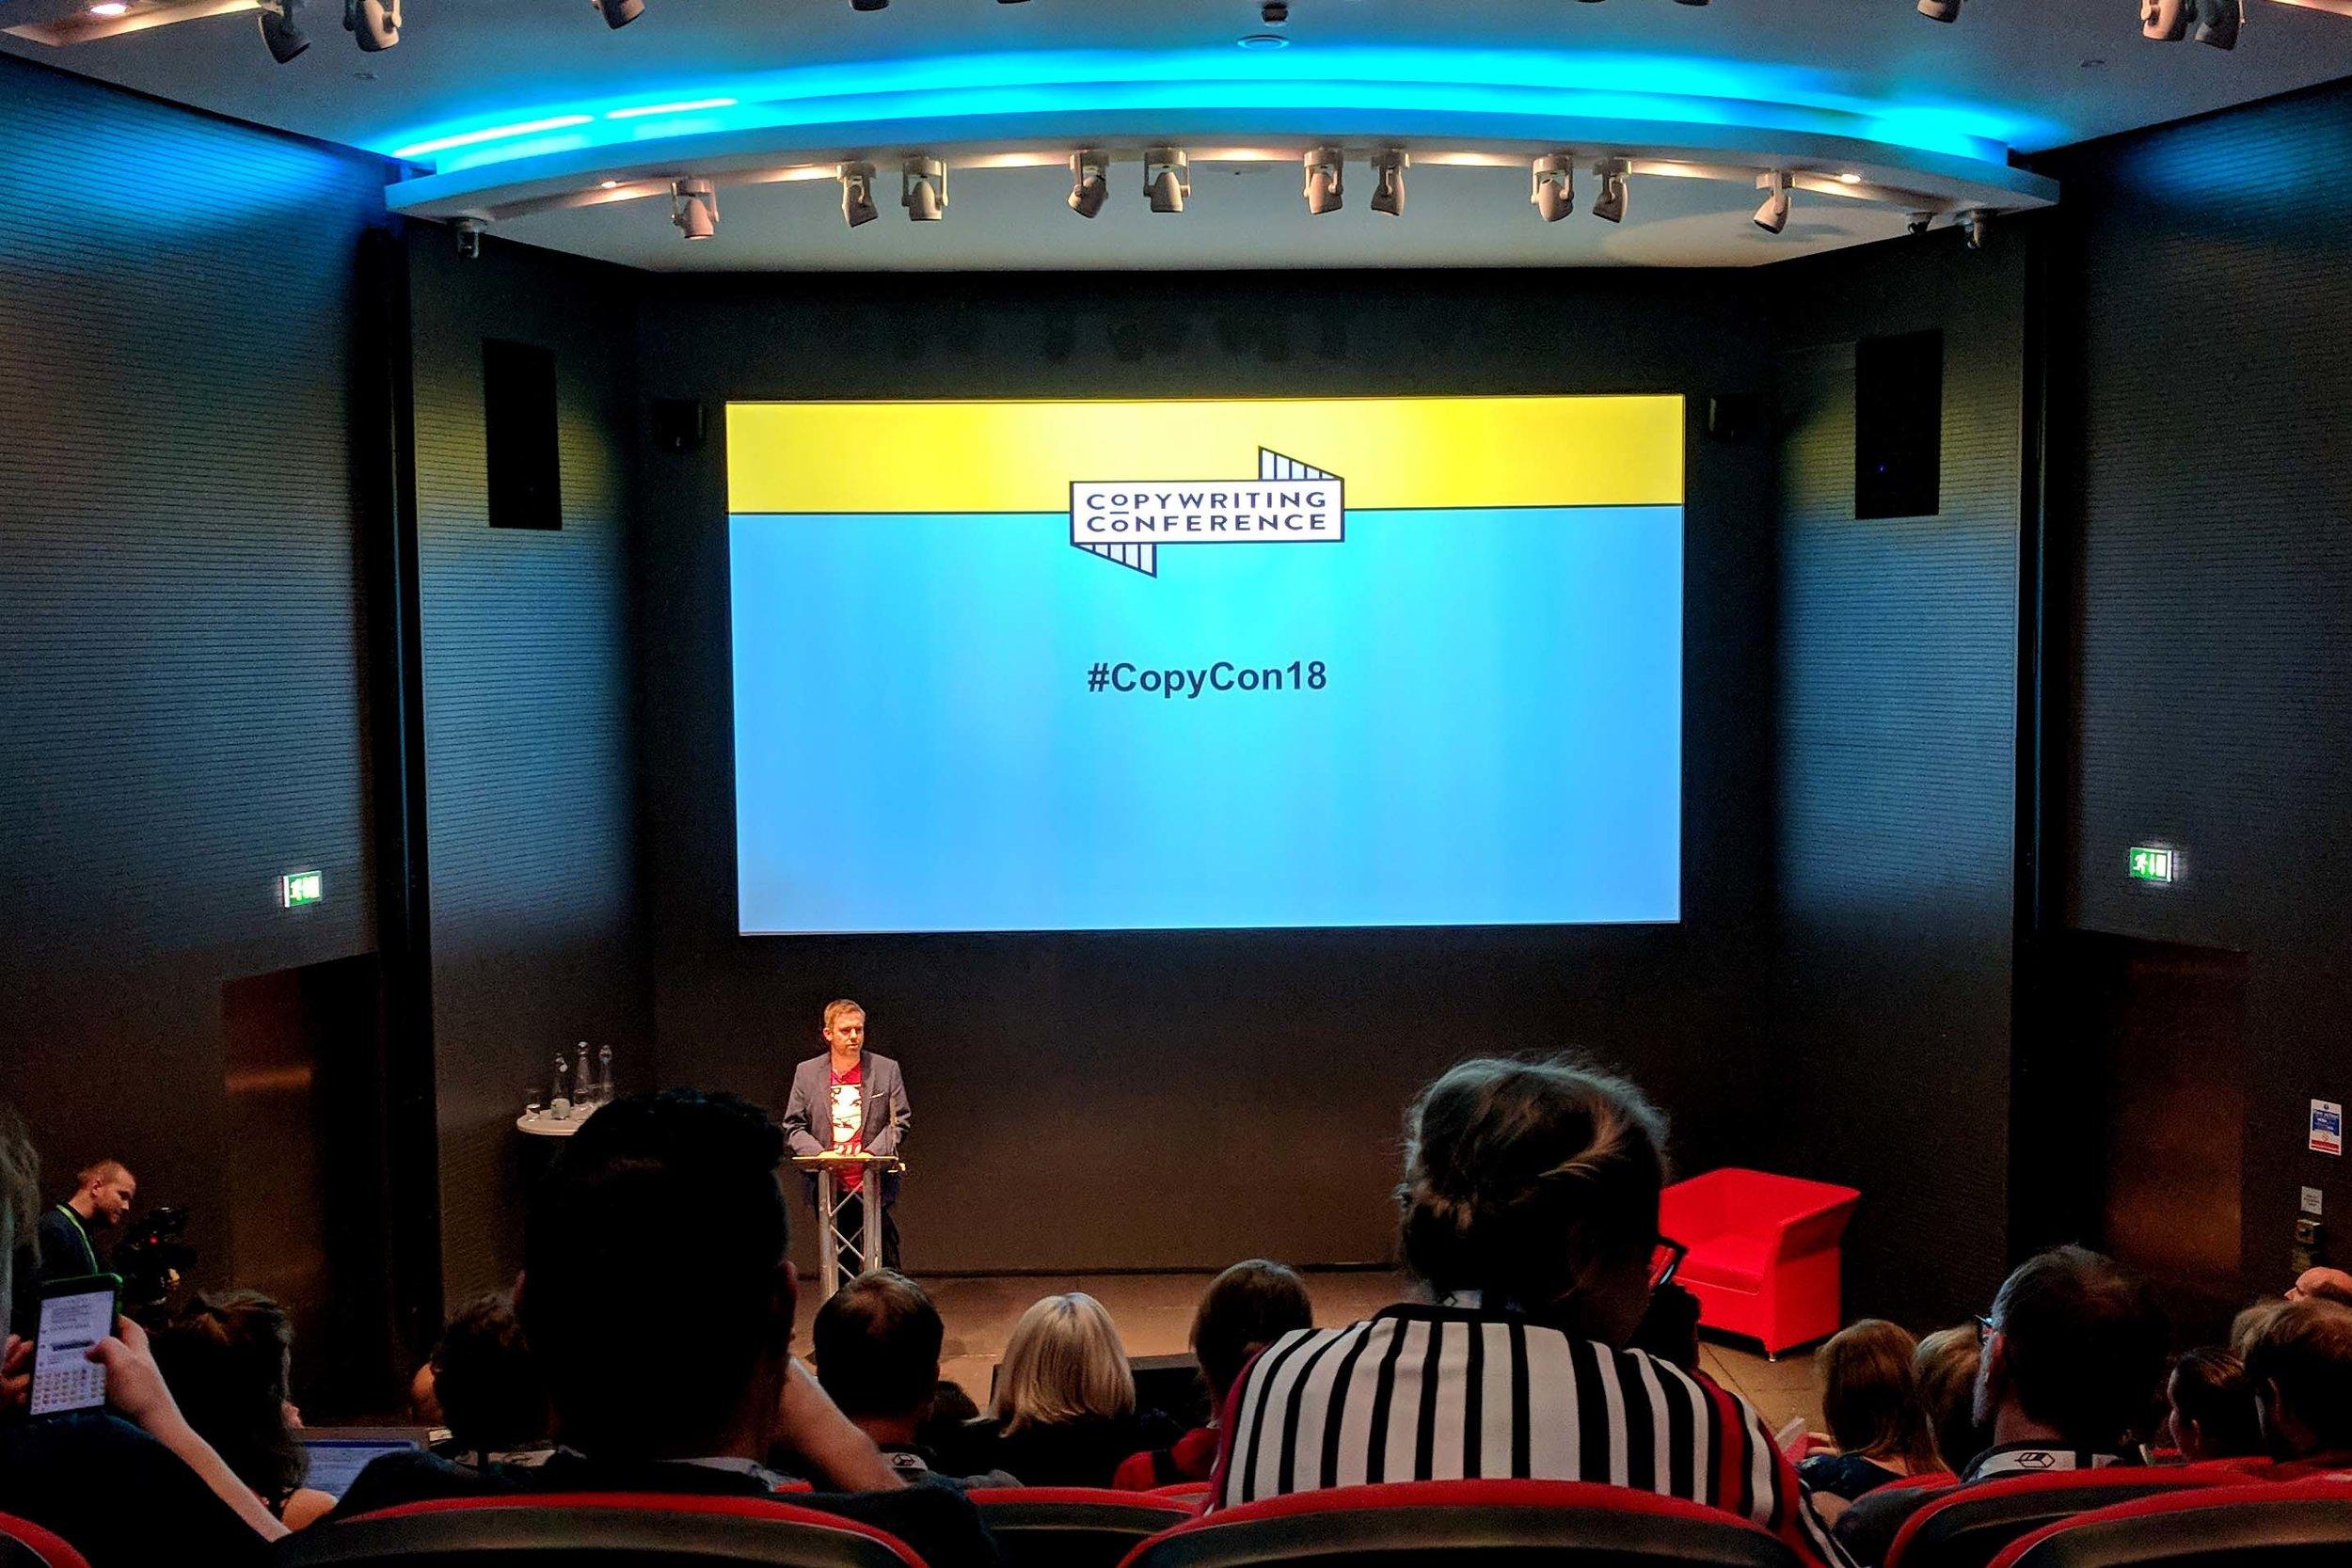 CopyCon 2018 conference